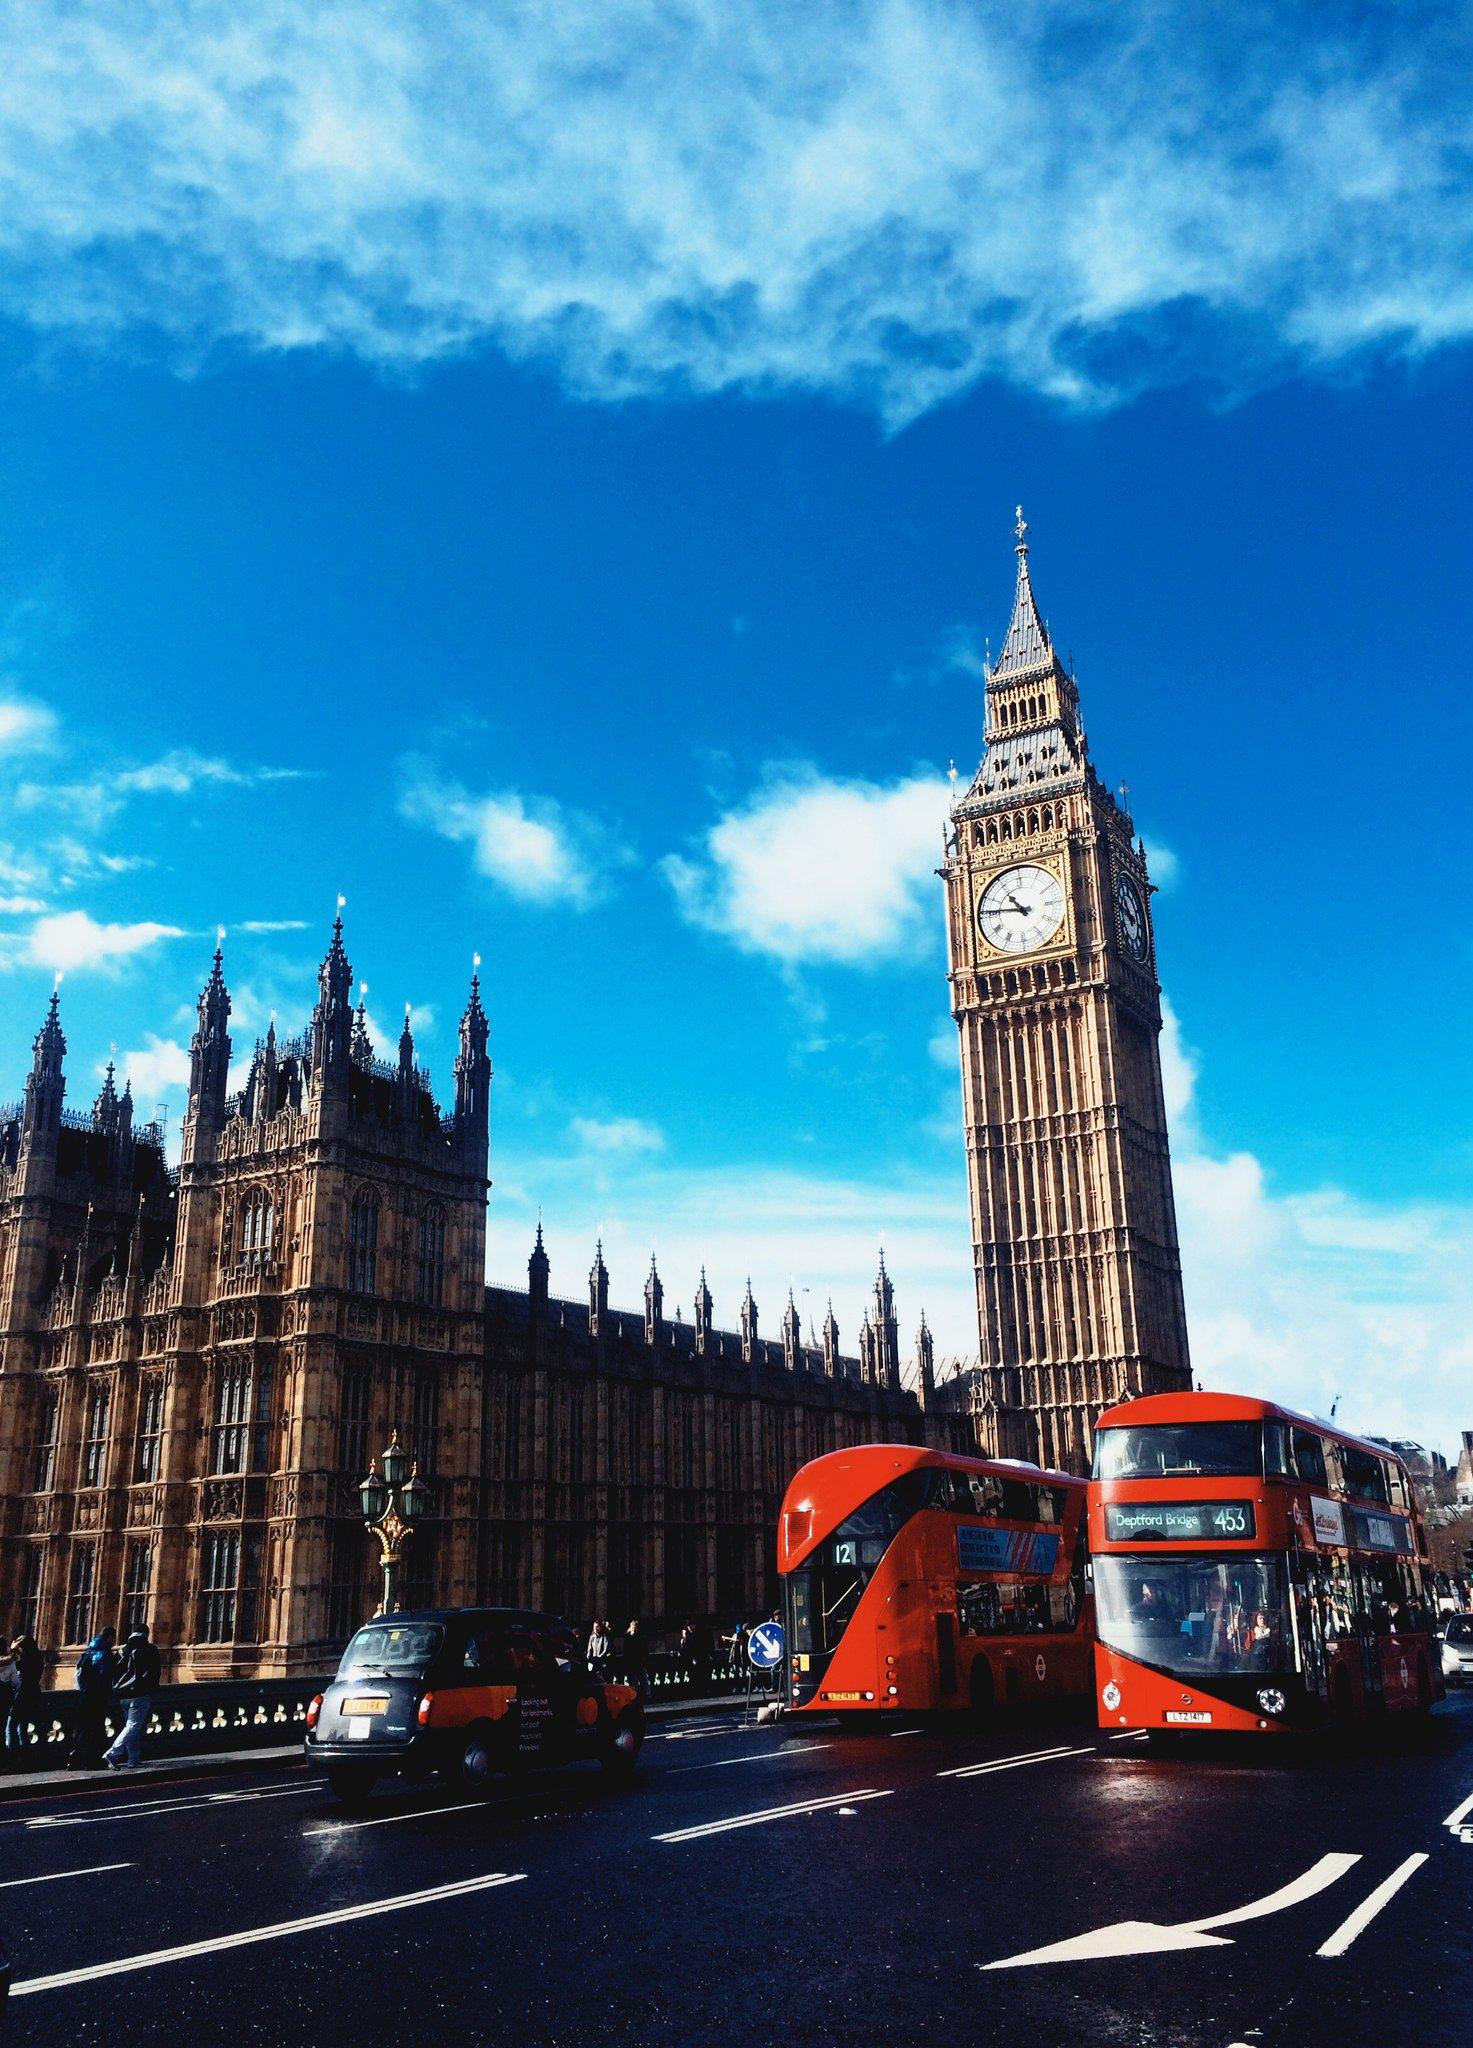 них выполняются лондон фото смотреть ходе верховой